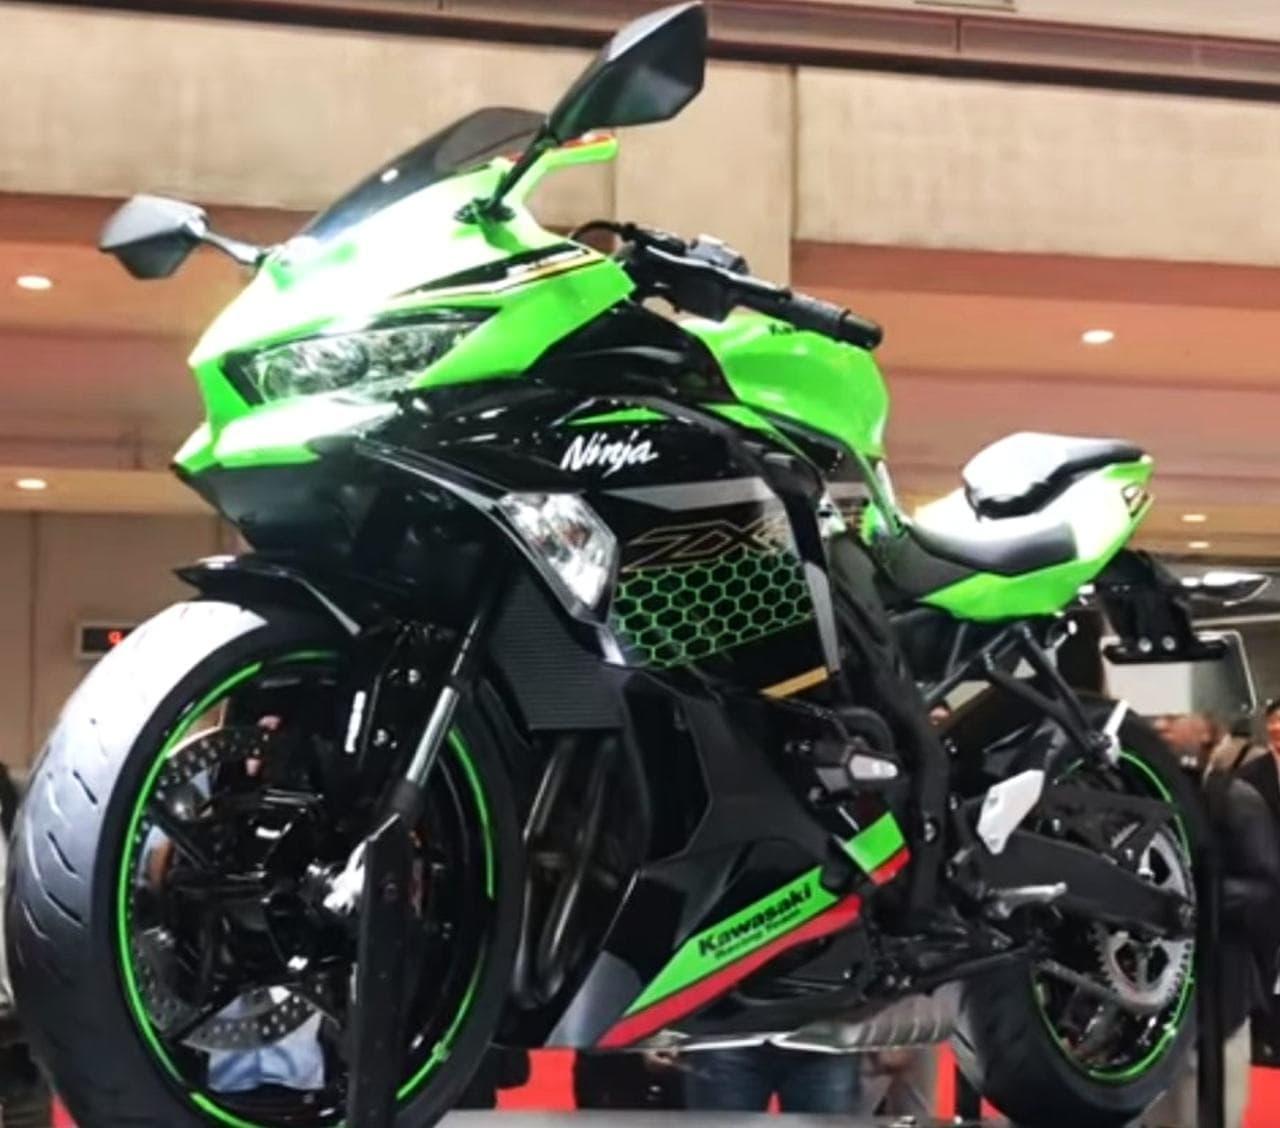 カワサキ、4気筒エンジン搭載「Ninja ZX-25R」を東京モーターショーで世界初公開